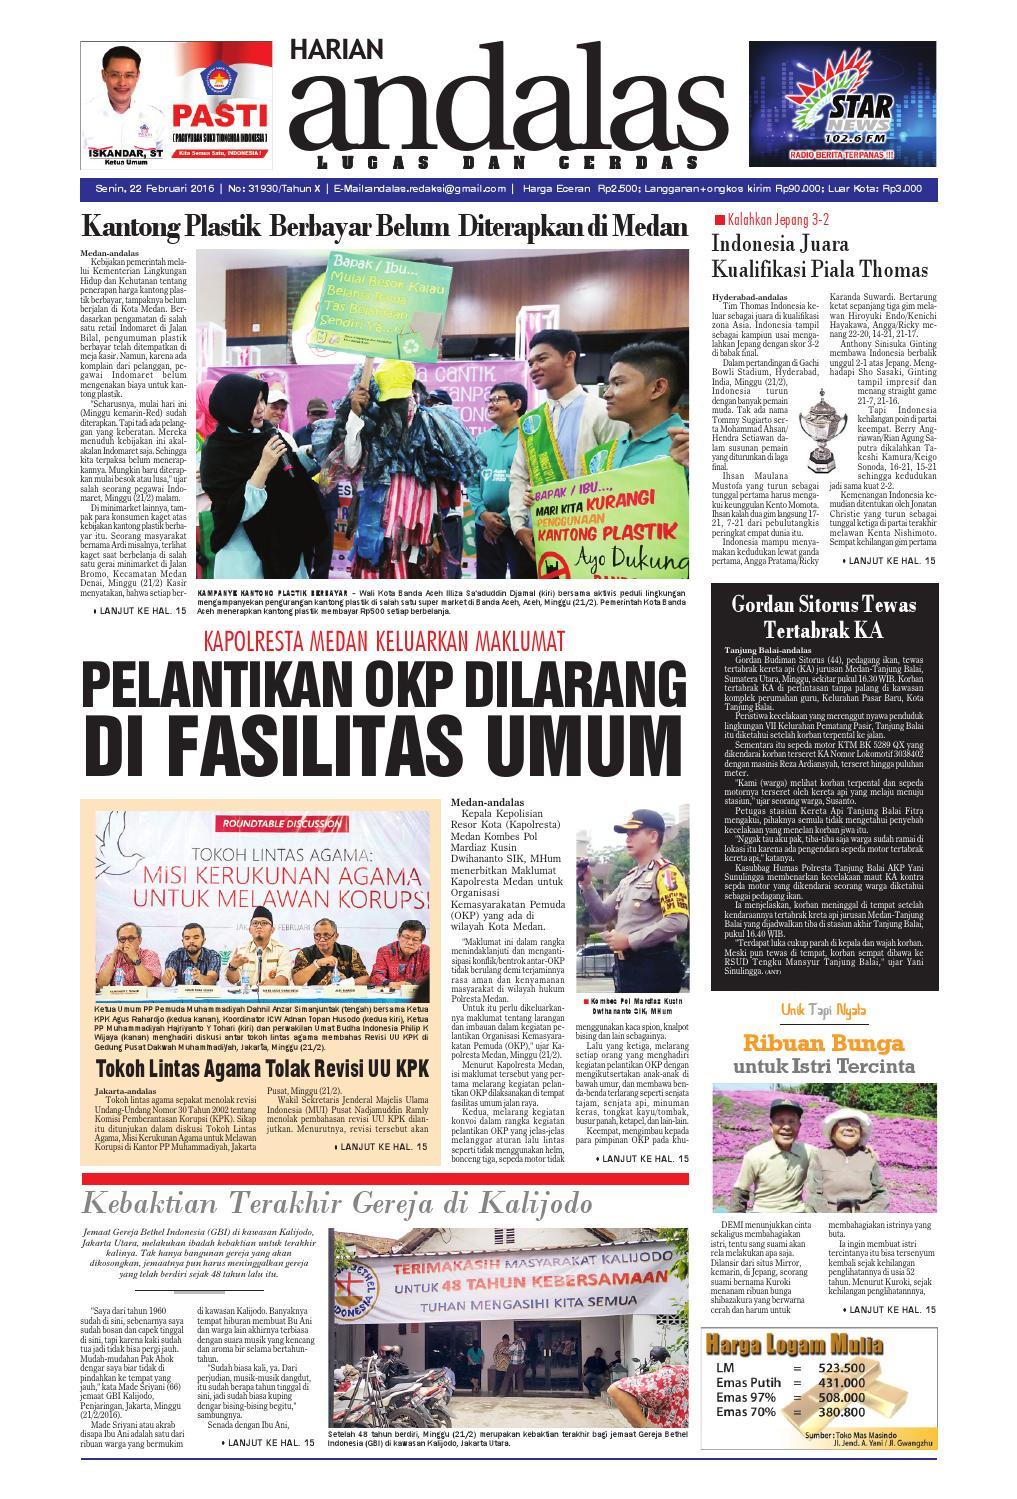 Epaper andalas edisi senin 22 februari 2016 by media andalas - issuu bdc99f9c5b